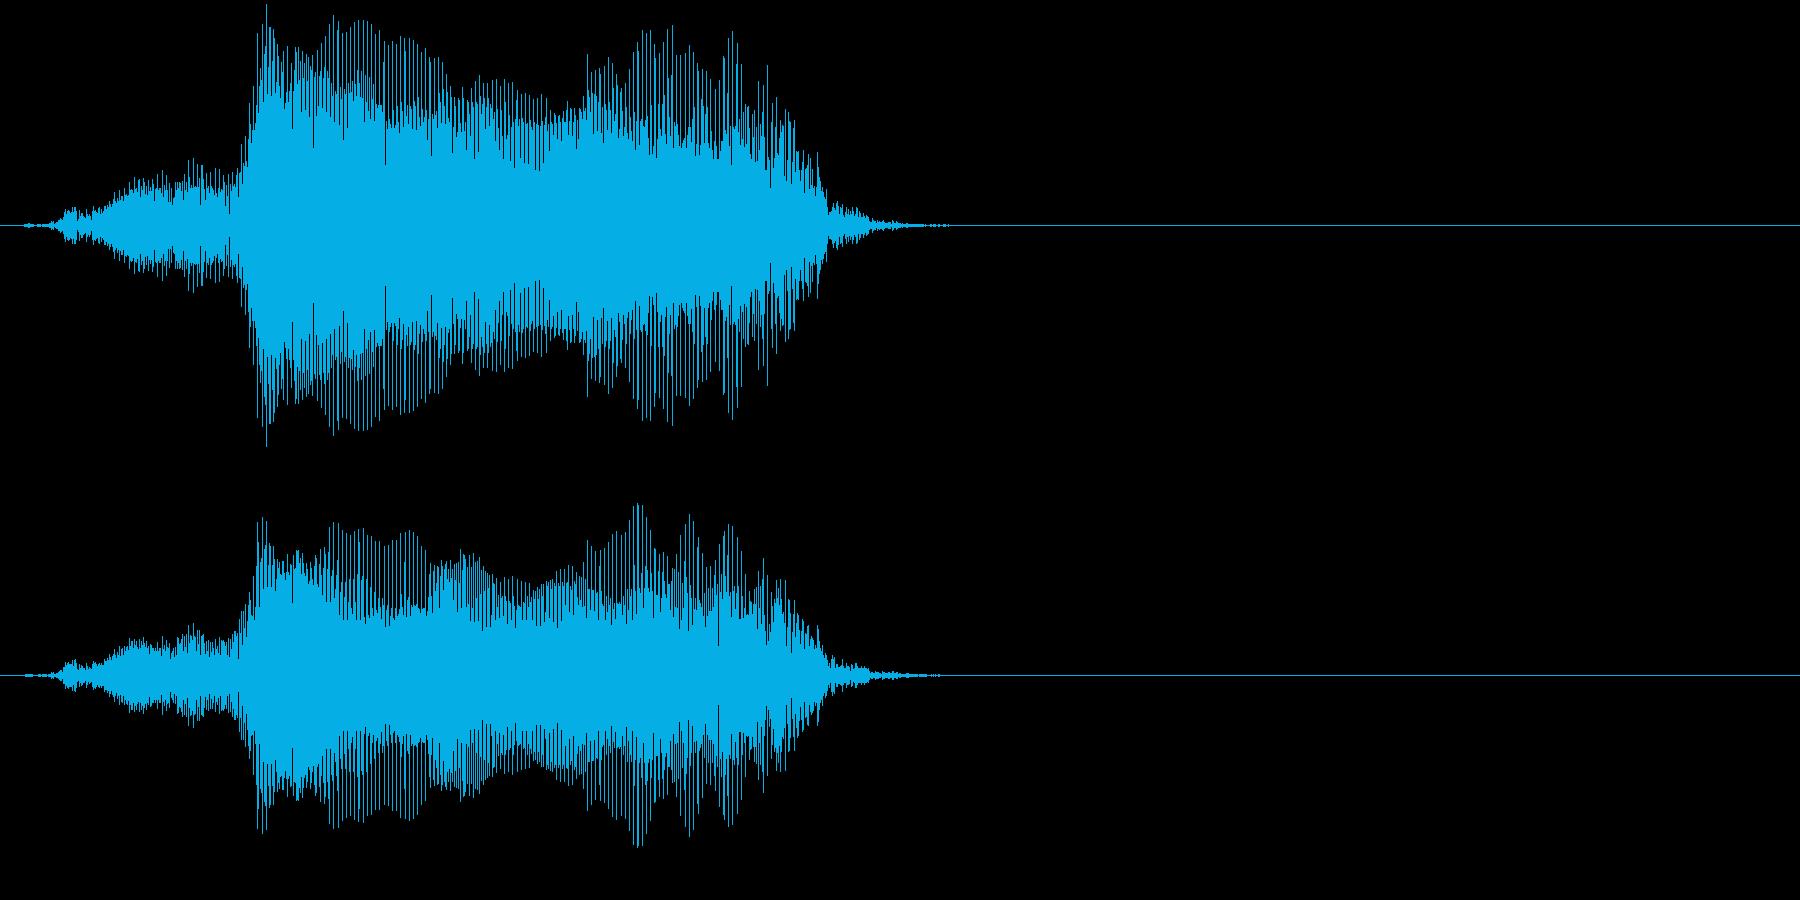 「猫の鳴き声011」ごろにゃーの再生済みの波形